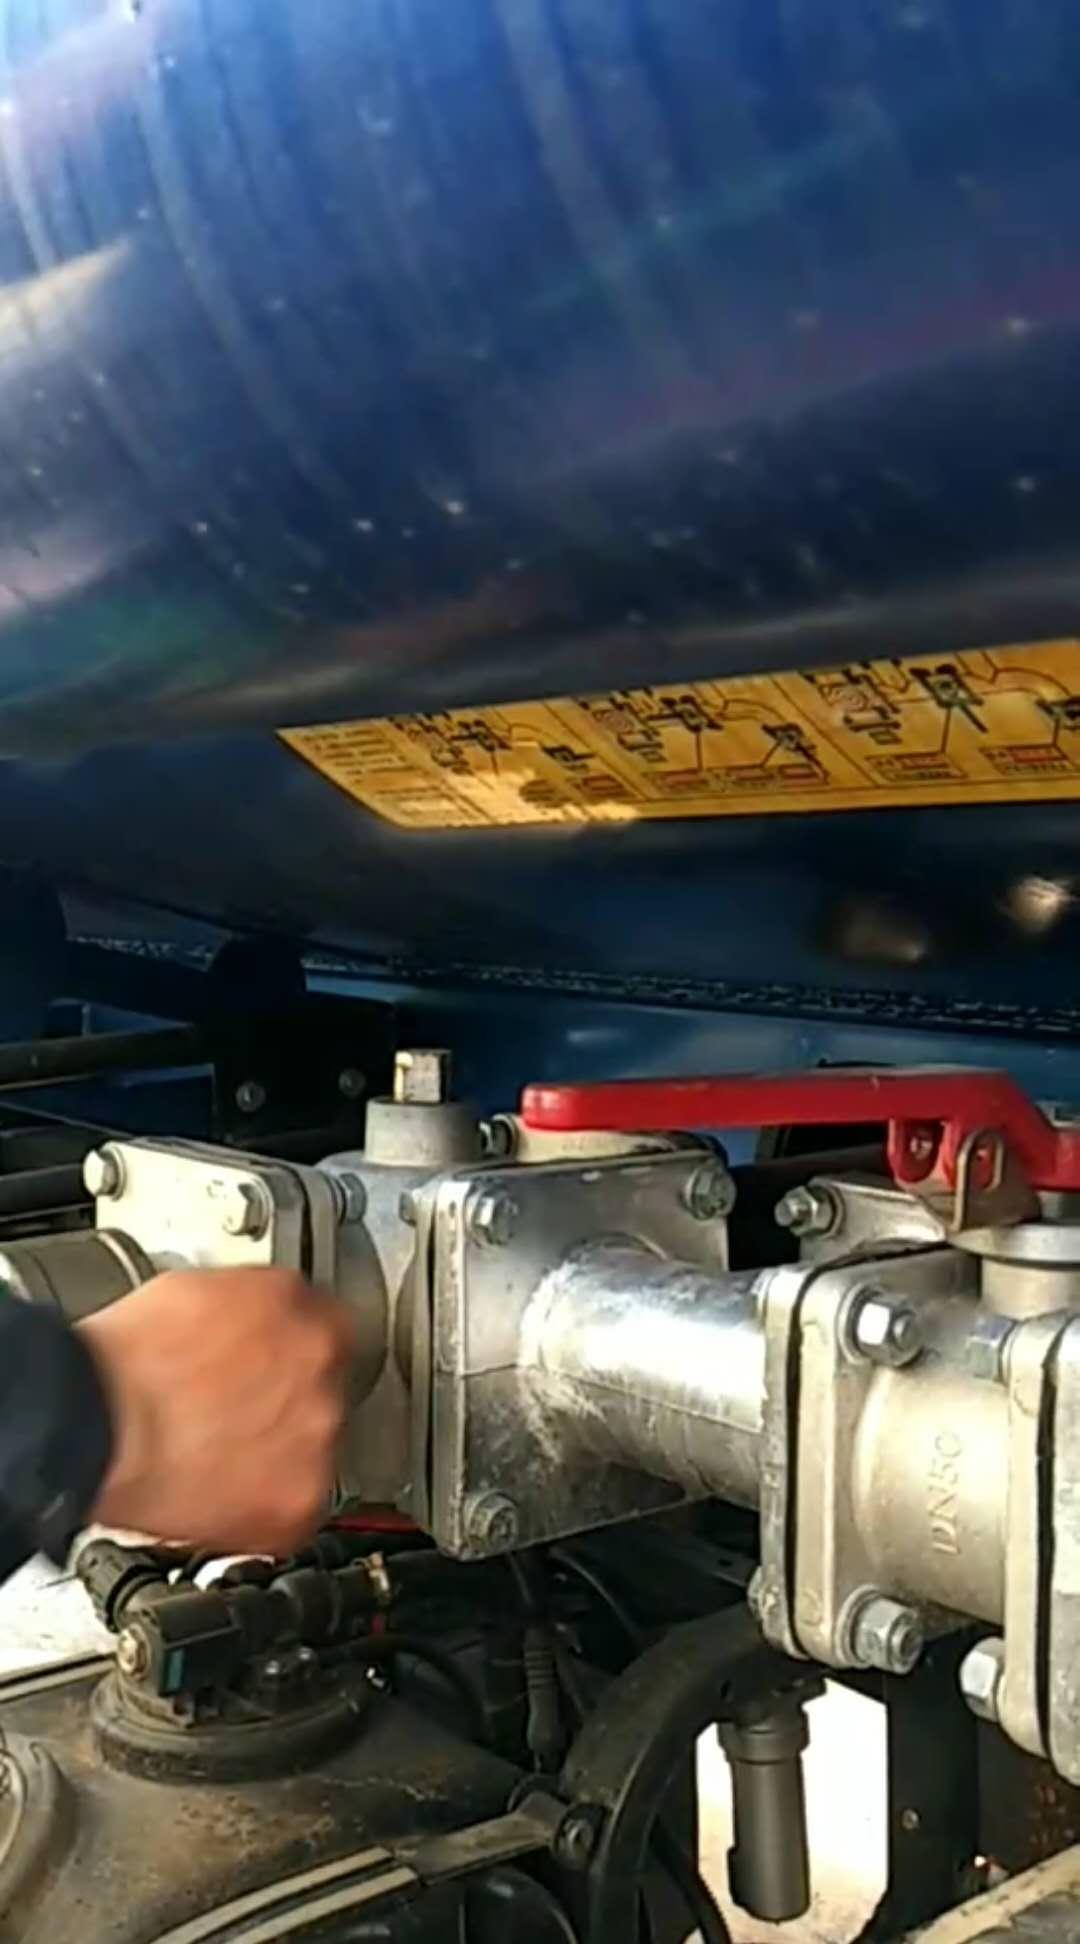 雾炮车洒水车使用流程操作视频1-6(5)关闭洒水车进、出水口视频